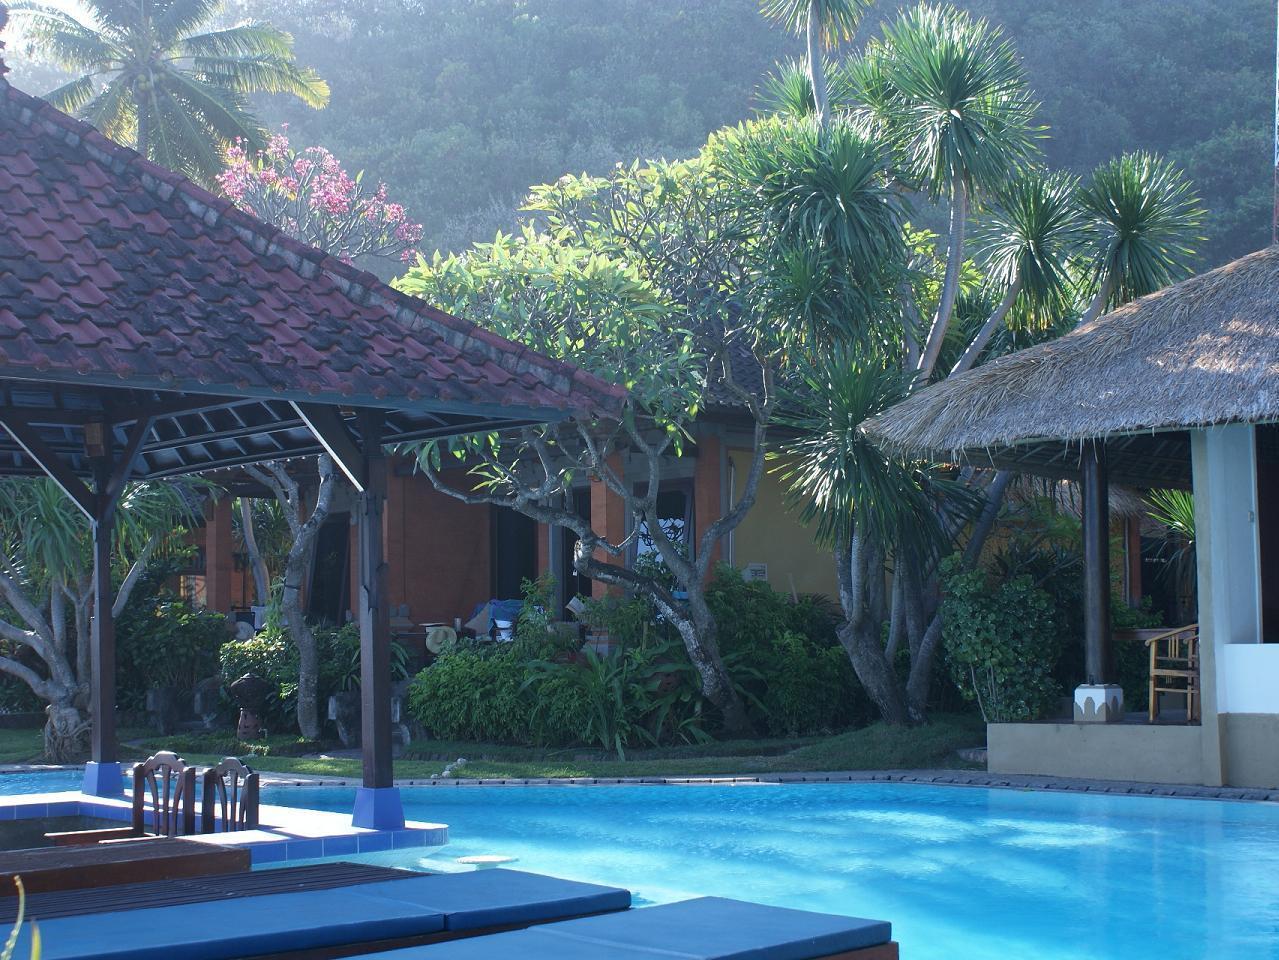 Hotel Murah di Candidasa, Bali - Diskon dengan Harga Termurah